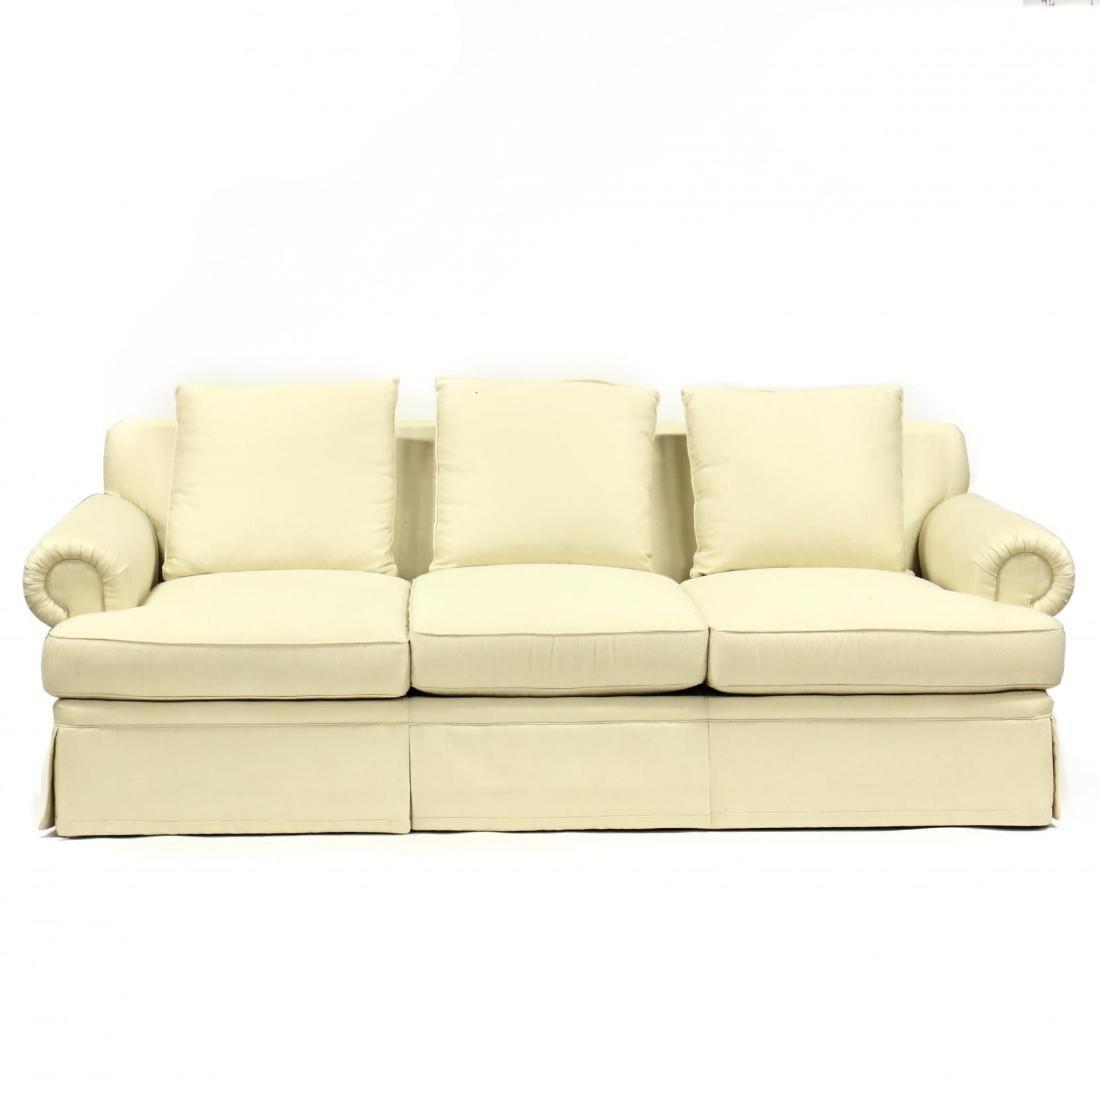 E.J. Victor, Upholstered Sofa